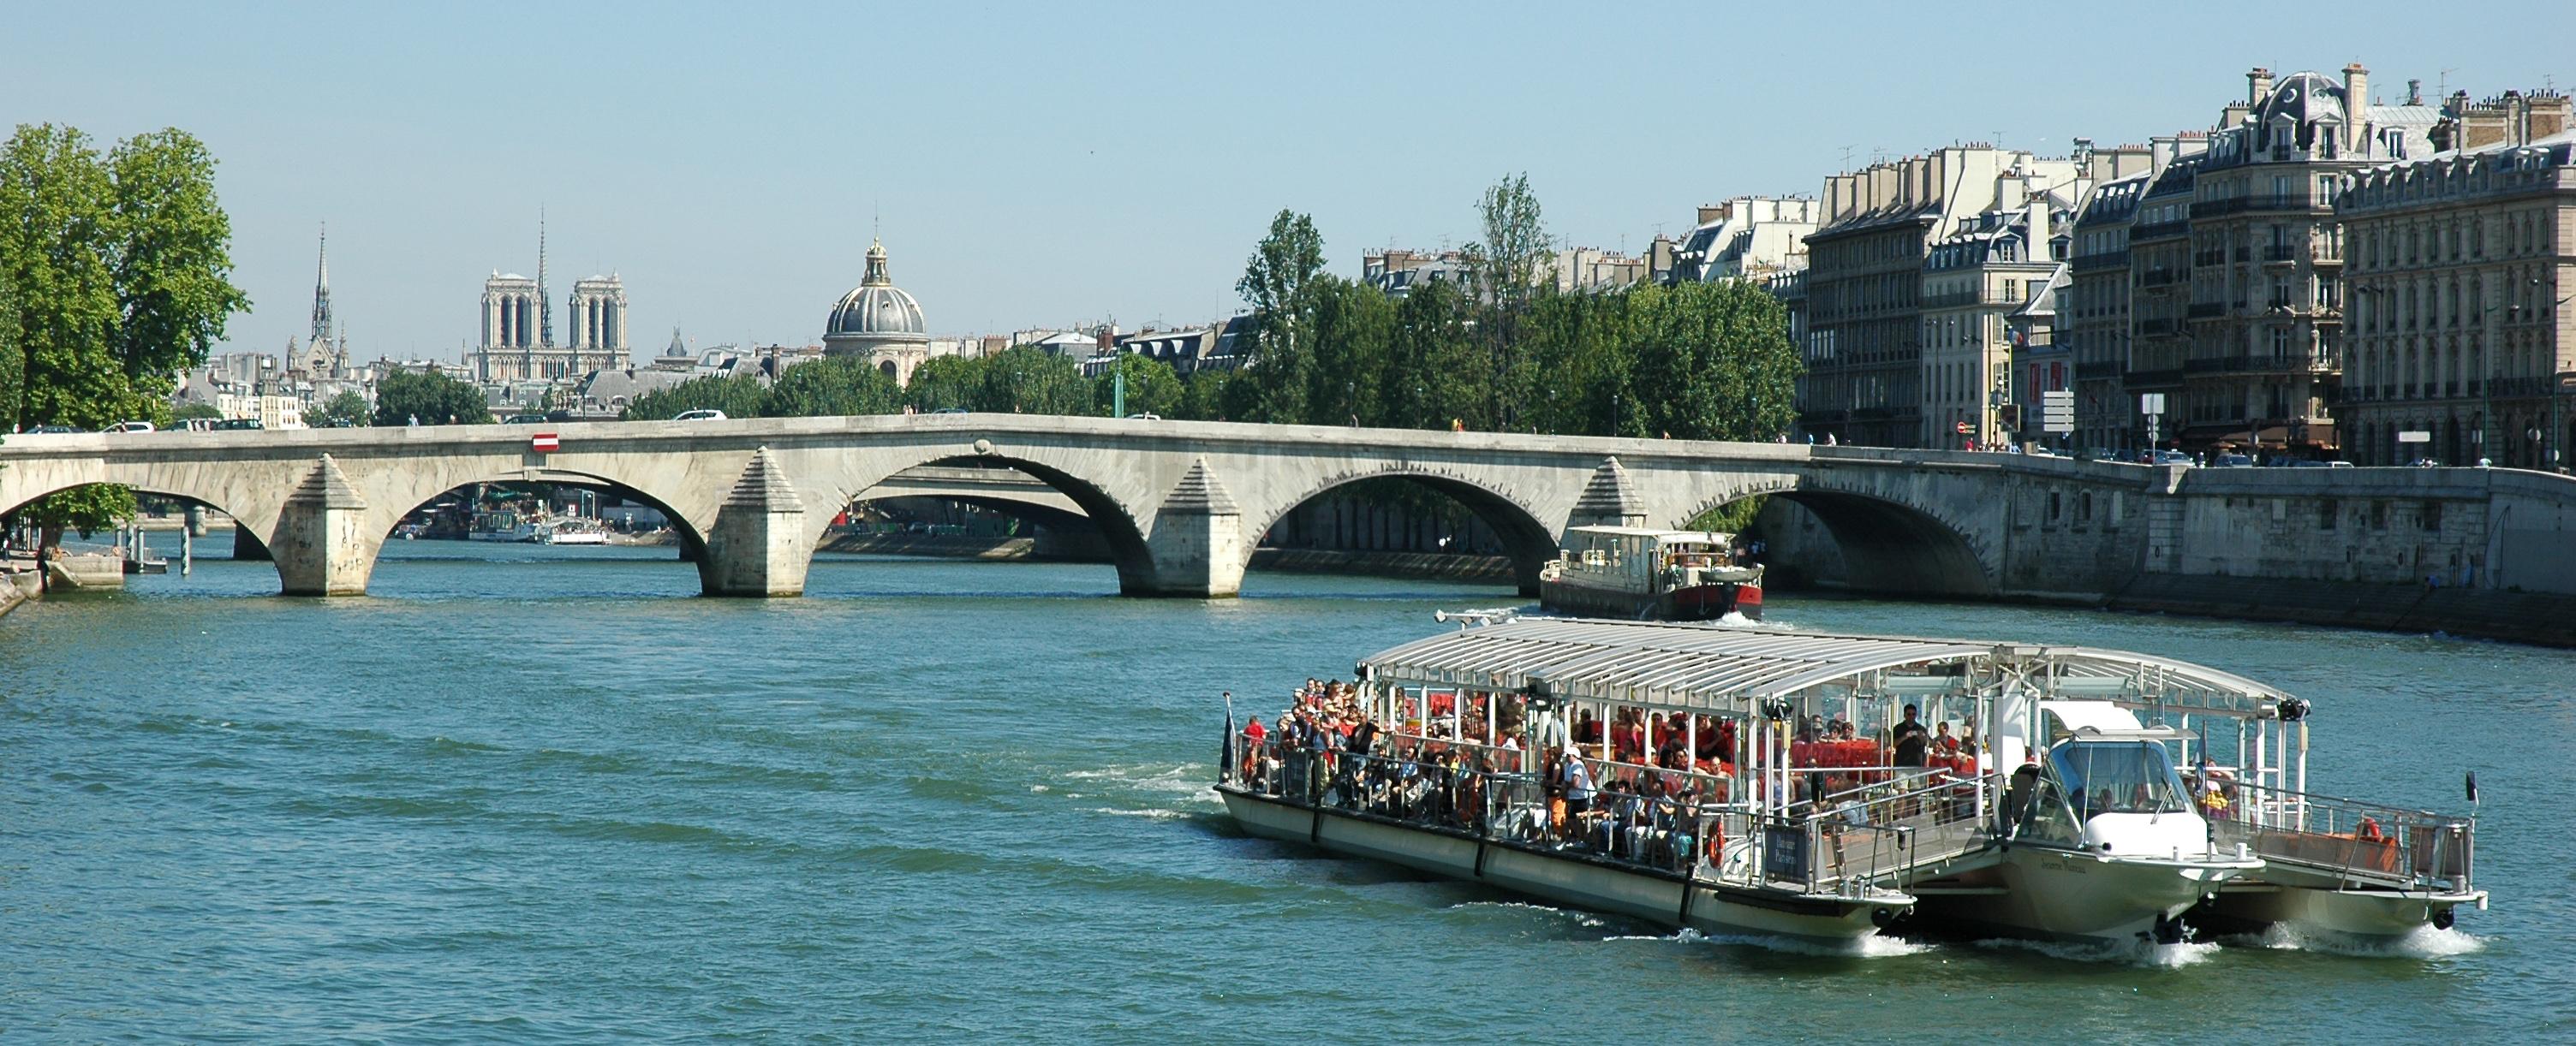 ■巴黎搭乘塞纳河游船:在船上欣赏两岸如画的景致,更显浪漫高清图片